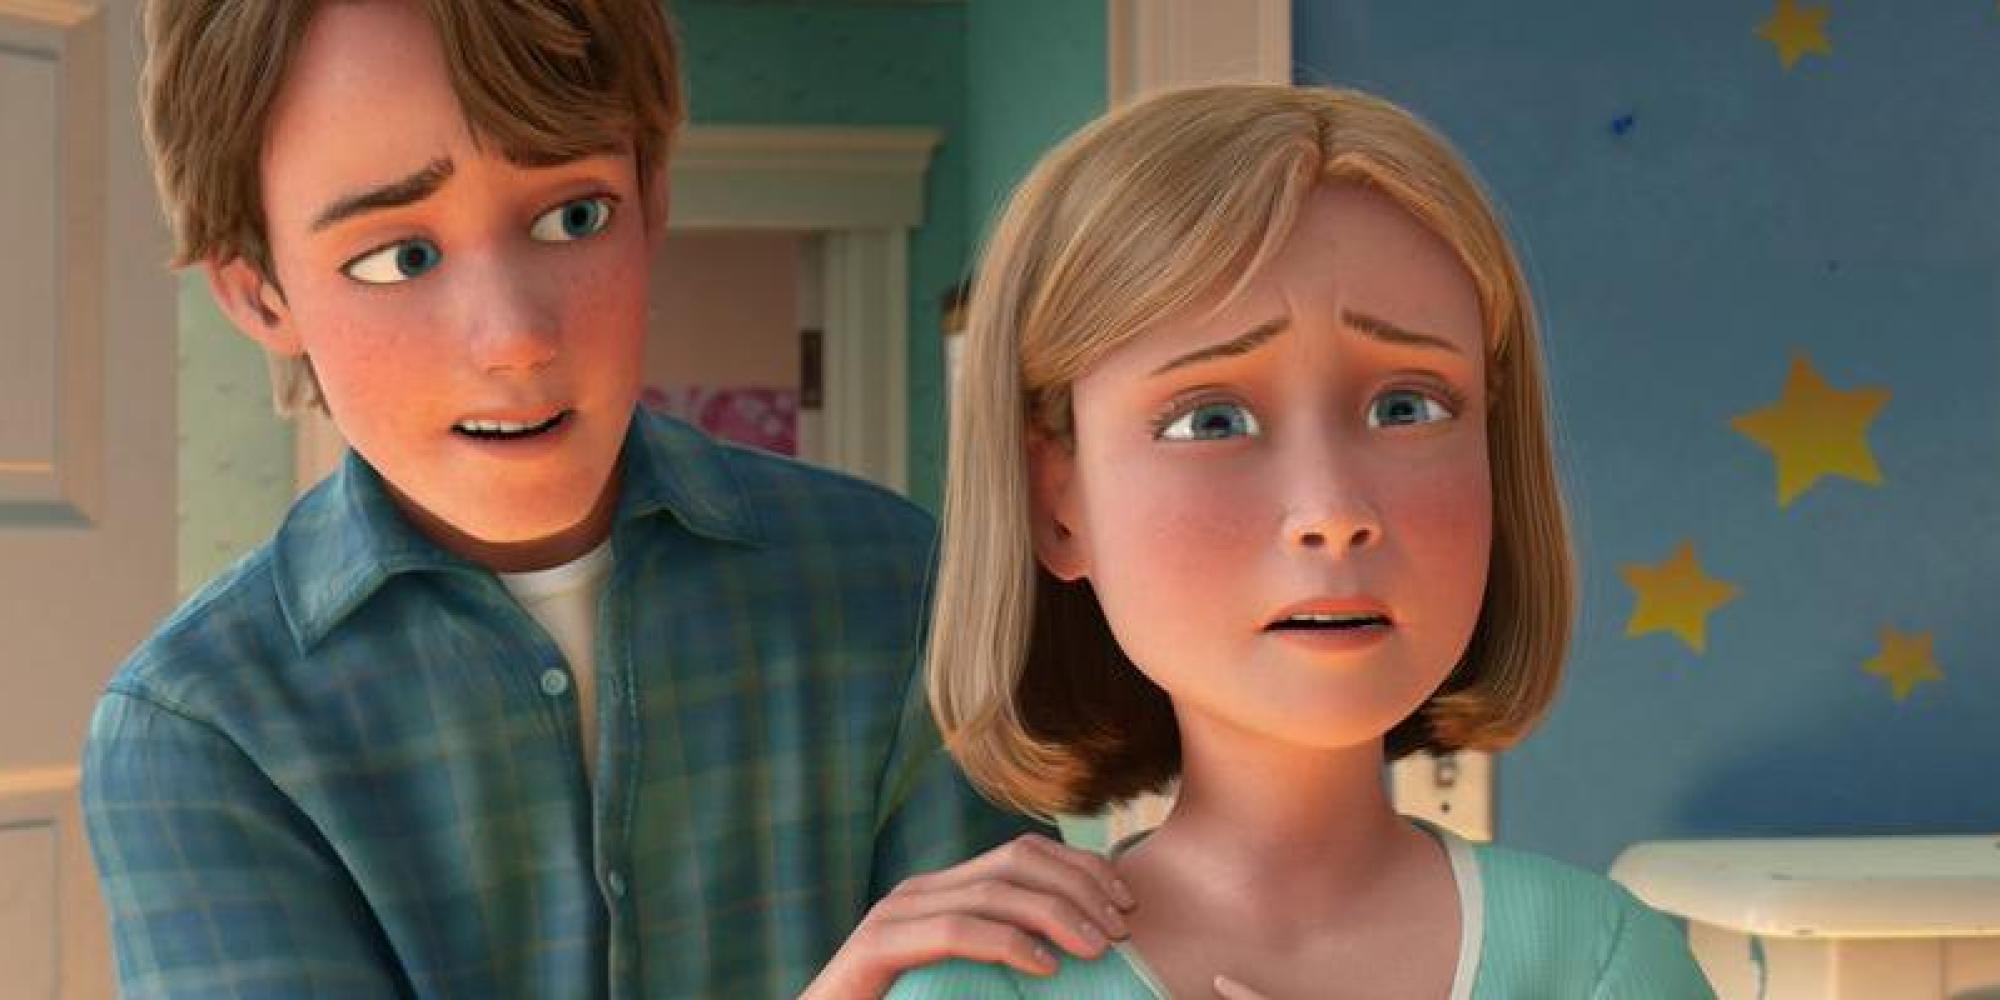 La Inquietante Teoría De La Mama De Andy: The Truth About Andy's Dad In Toy Story Will Make You